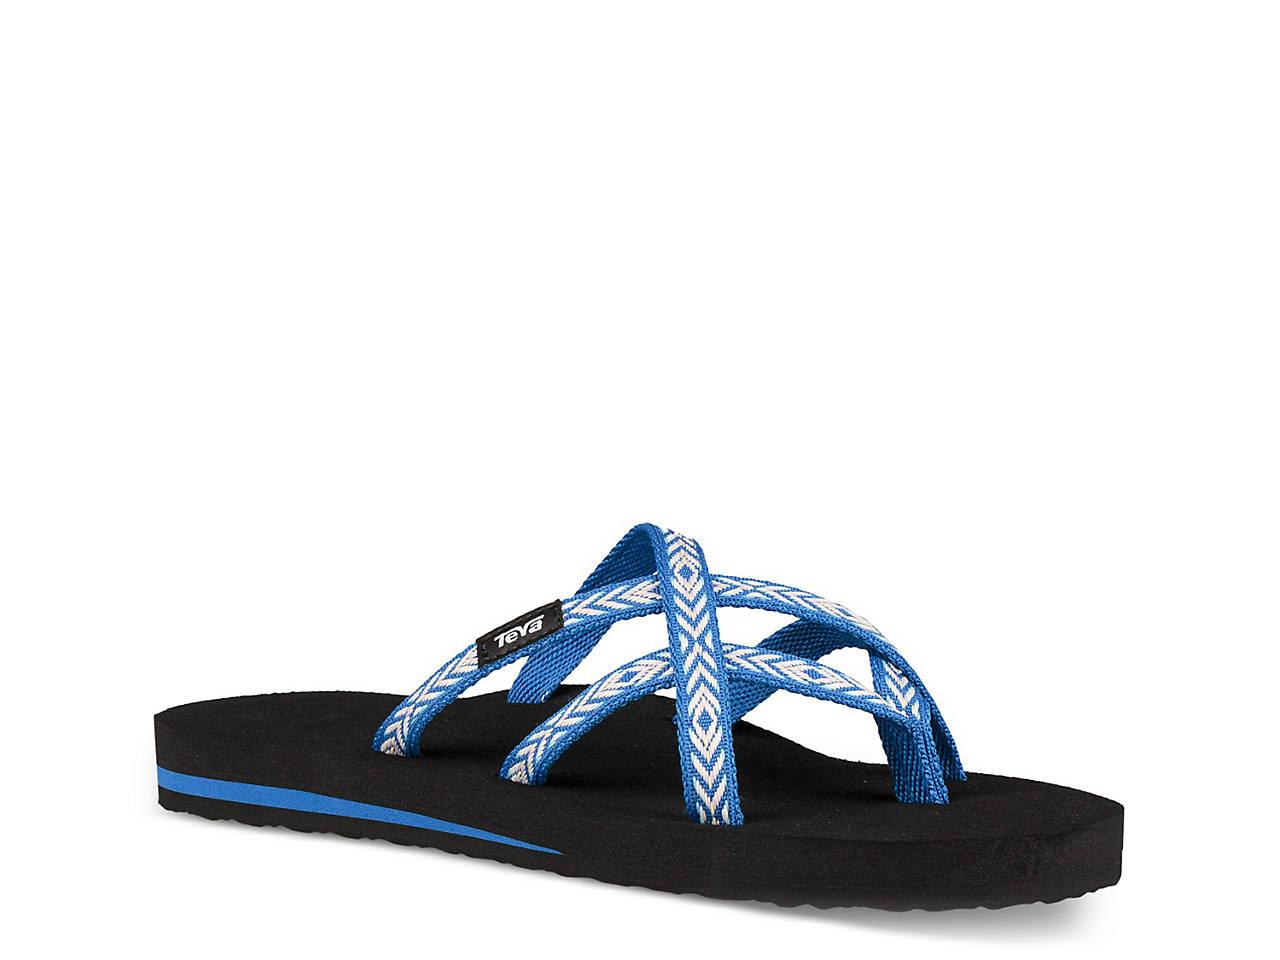 buy popular 41ceb 108b8 Olowahu Striped Flip Flop